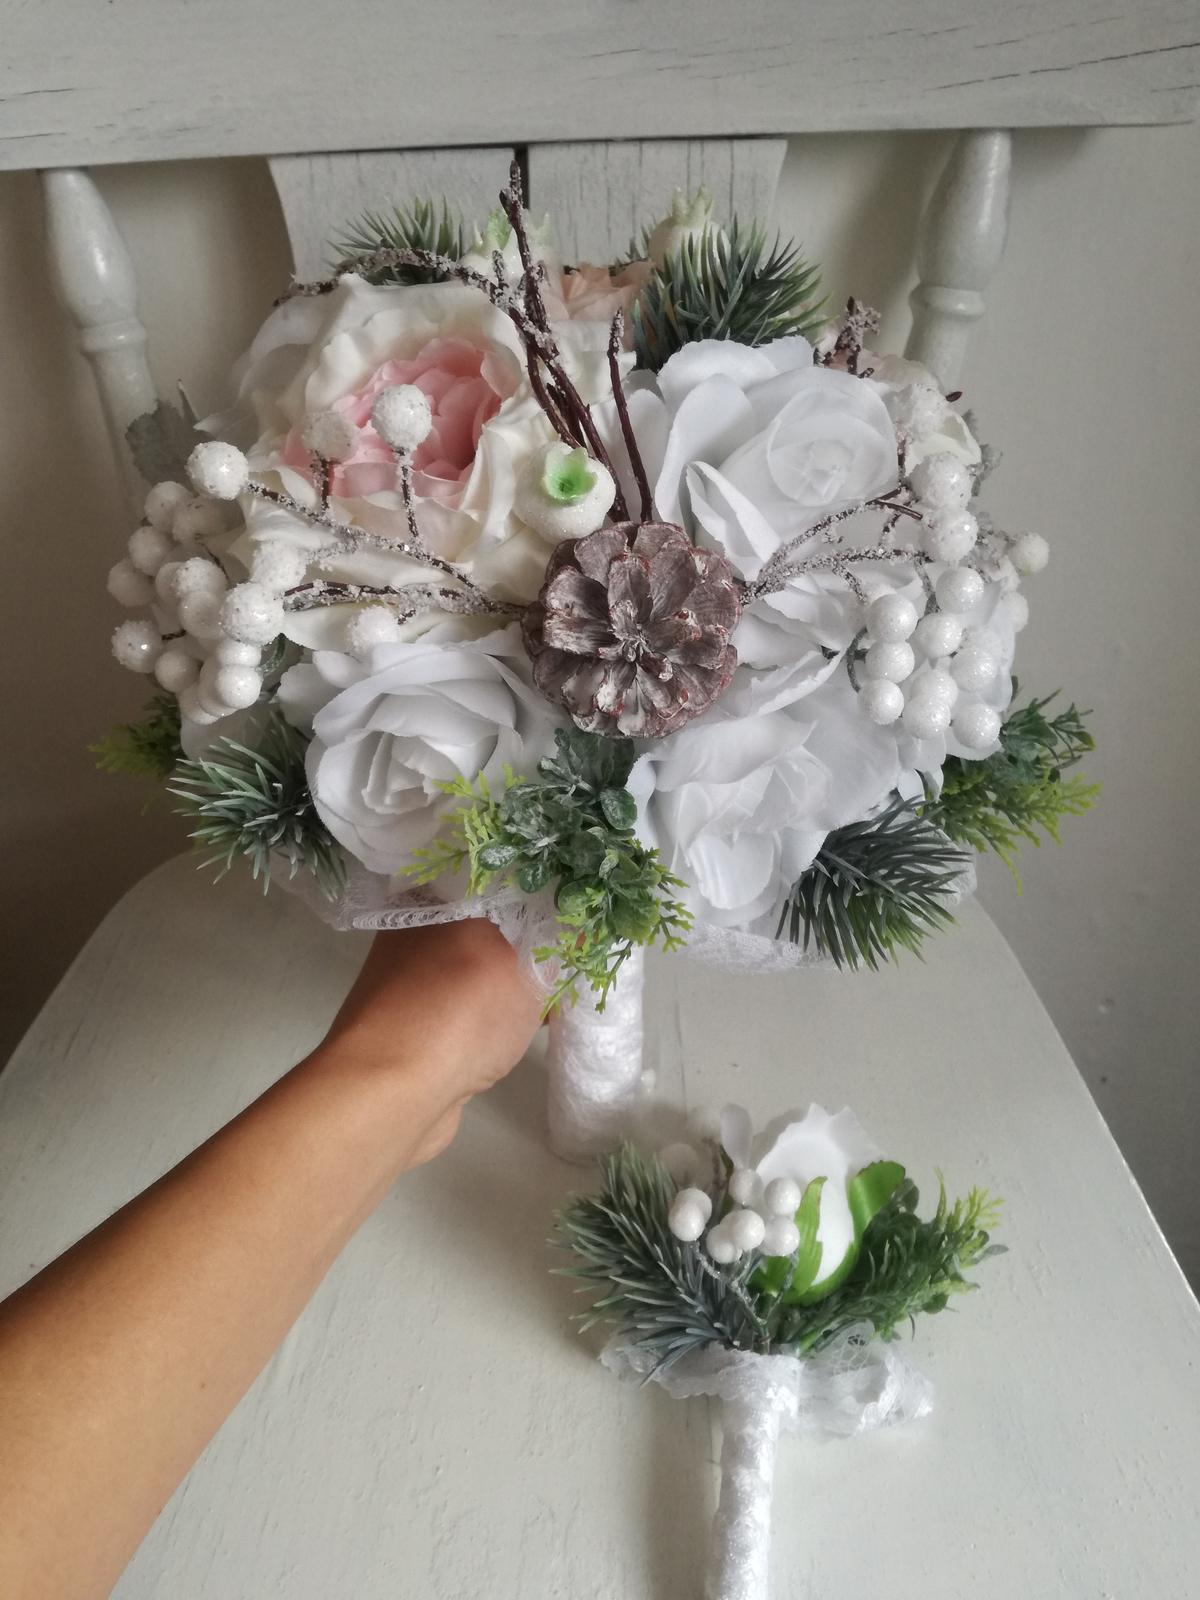 Z umelých kvetov - Obrázok č. 49